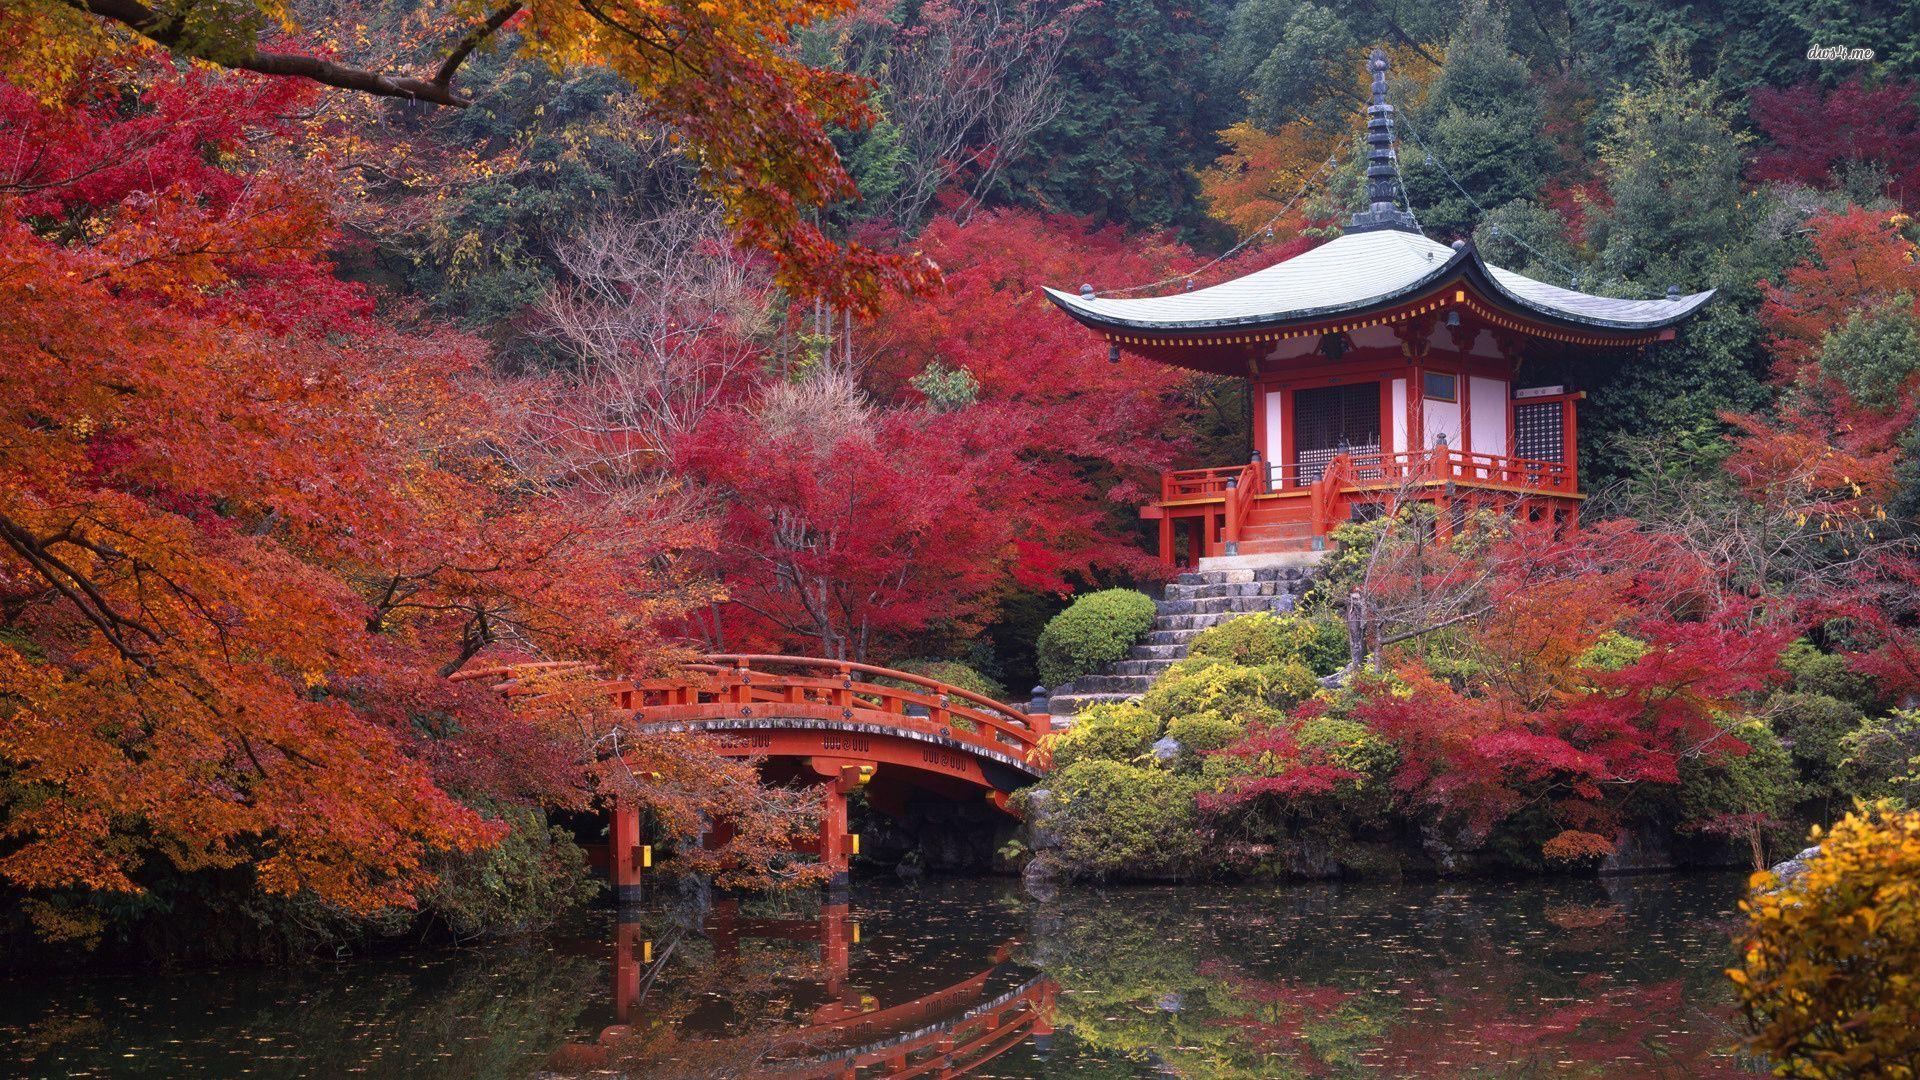 Mount-Fuji-Temple-1.jpg